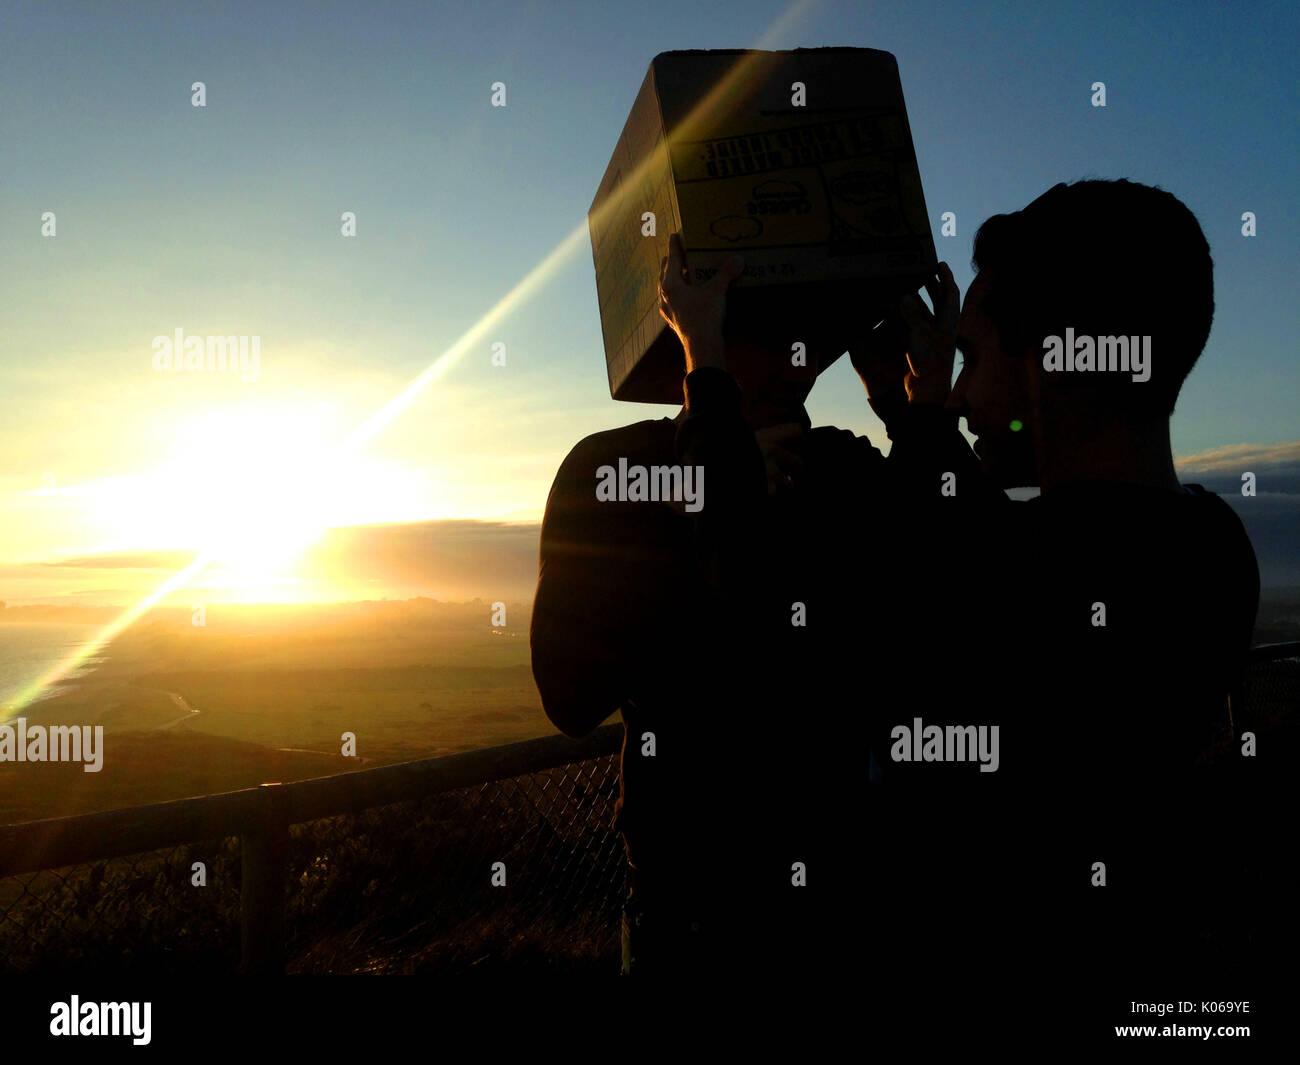 Christchurch, Dorset, Regno Unito, 21 agosto 2017. Visualizzazione del parziale eclissi solare a Hengistbury testa Immagini Stock